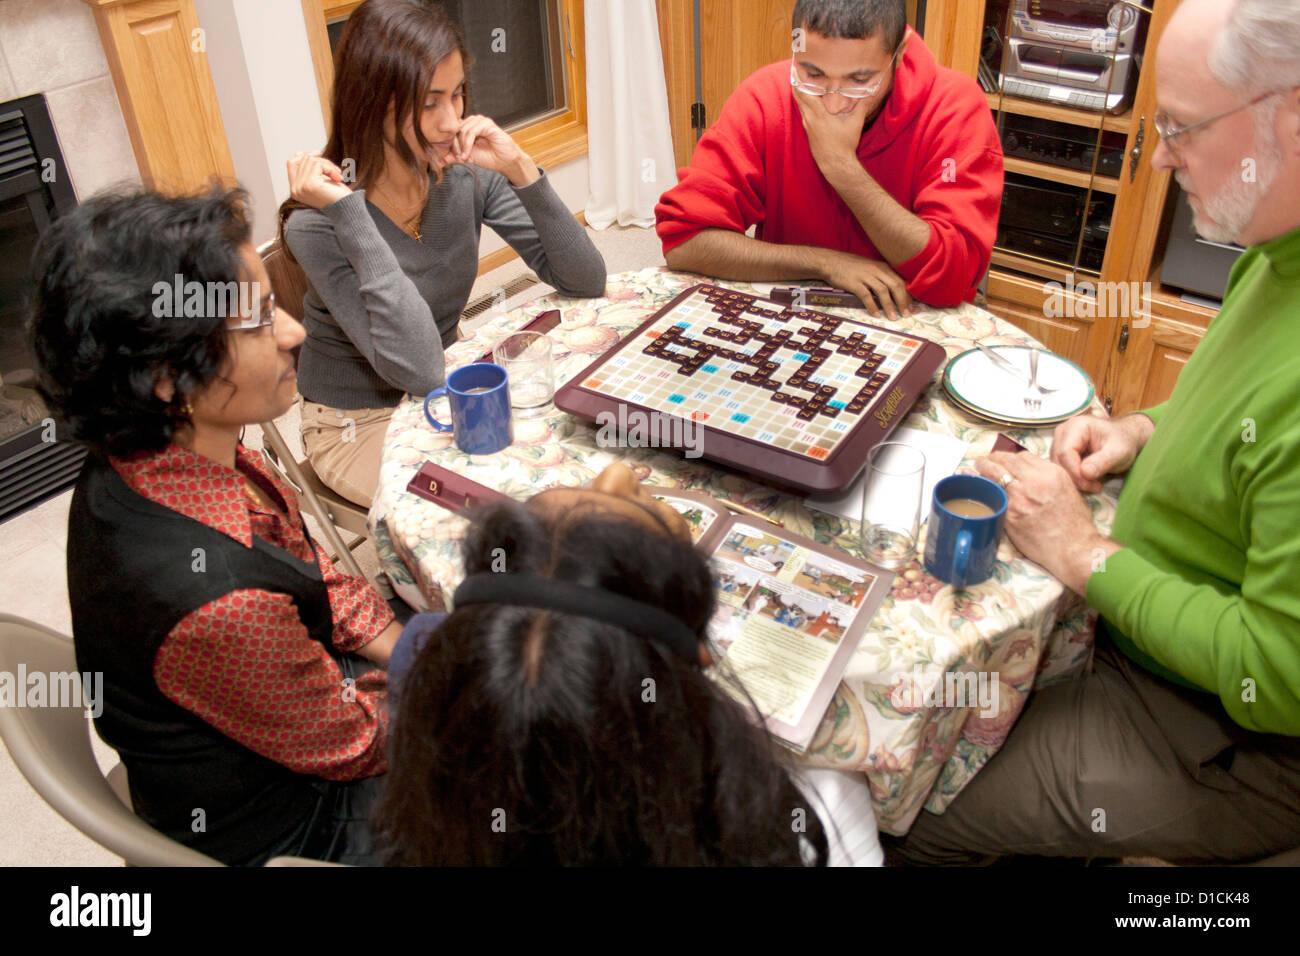 Famiglia intenso di American Scrabble giocatori di bianco e East Indian Heritage. Champlin Minnesota MN USA Immagini Stock